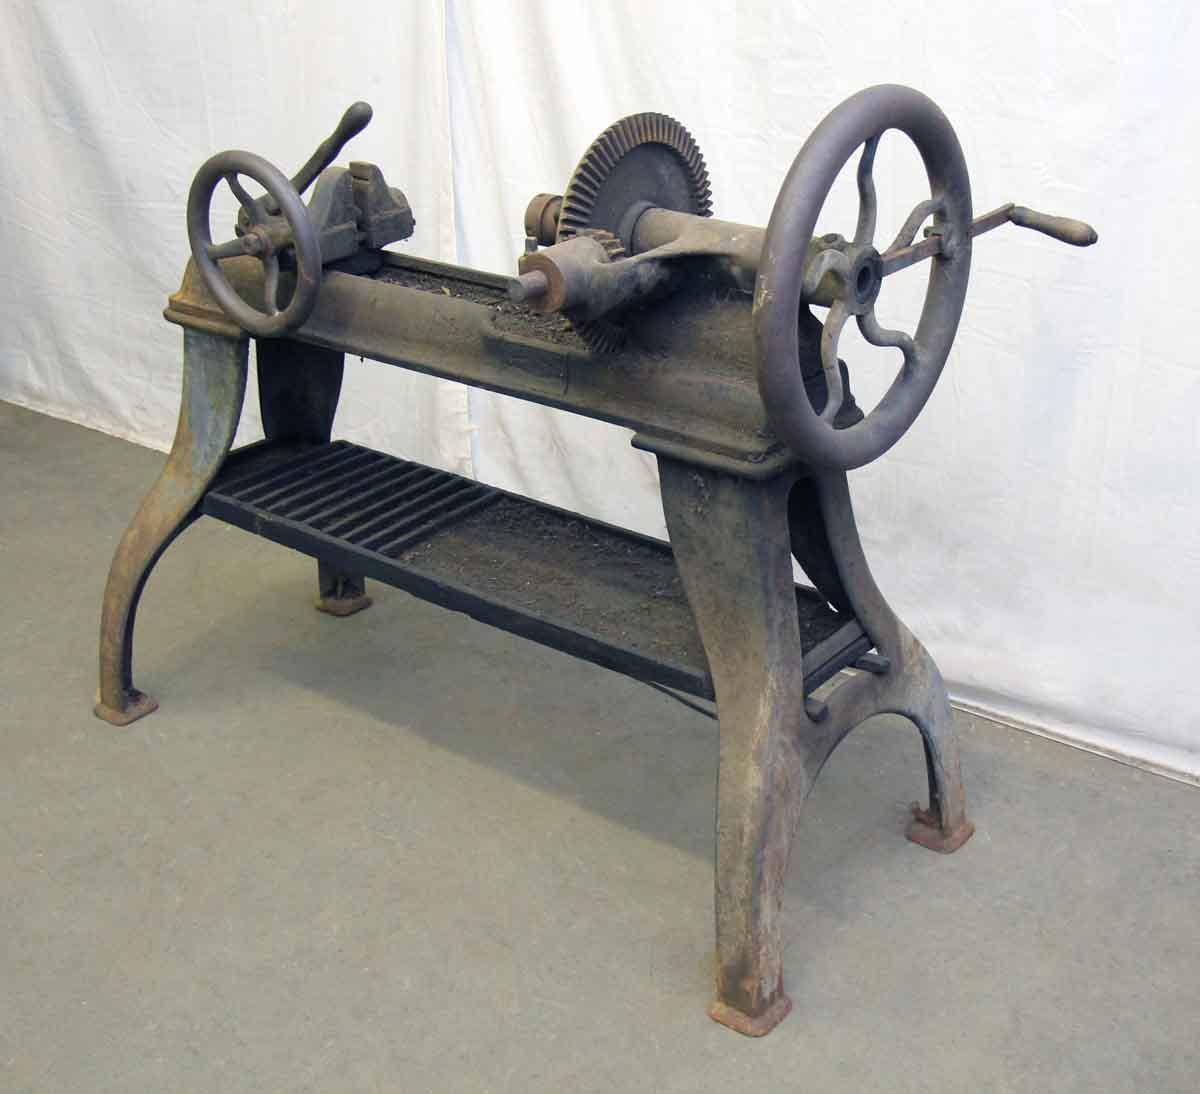 Antique Iron Lathe Machine Olde Good Things